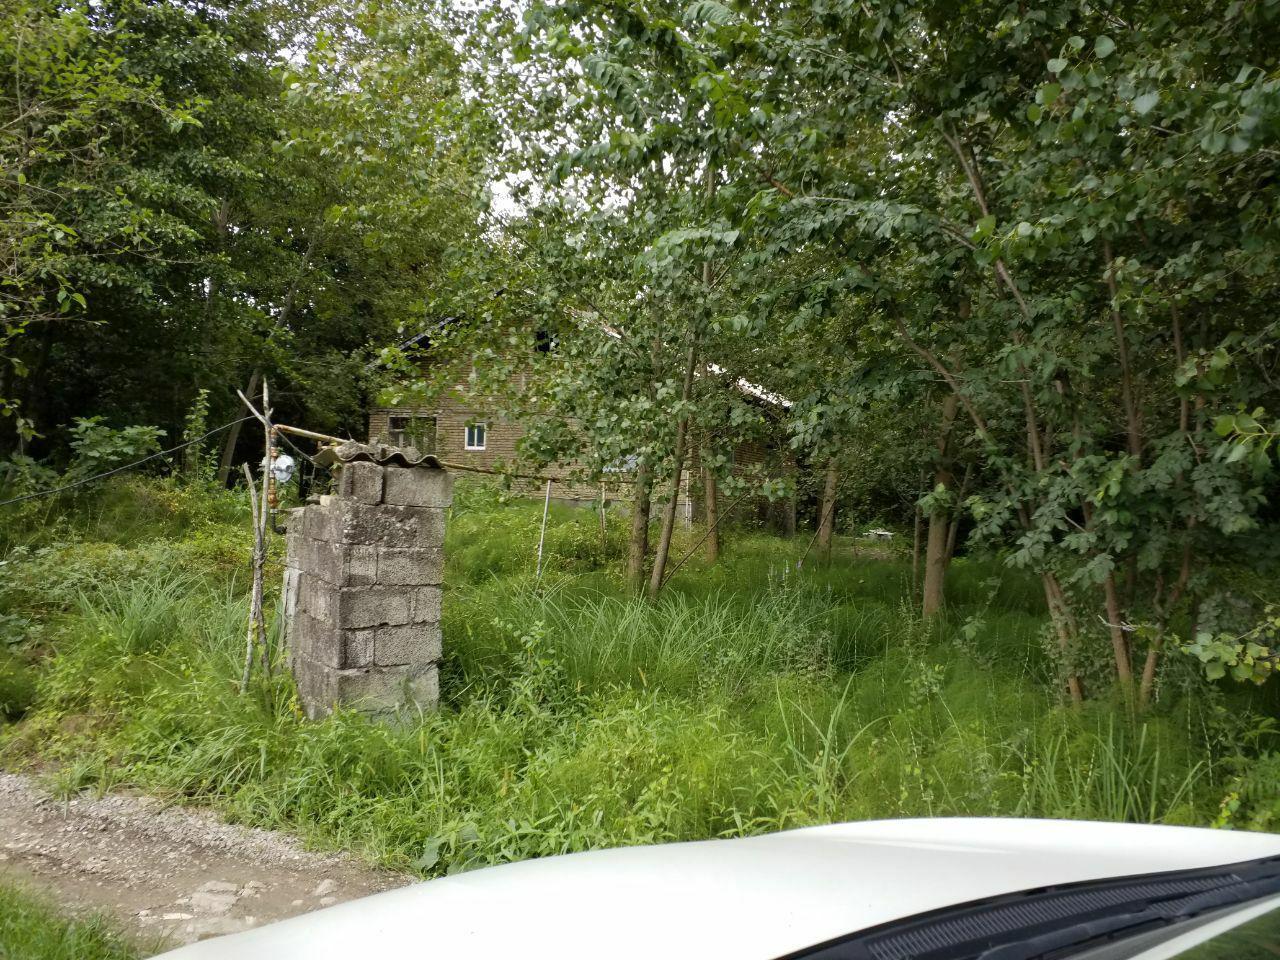 فروش خانه کرسی بلند با 5 هزار متر زمین لنگرود